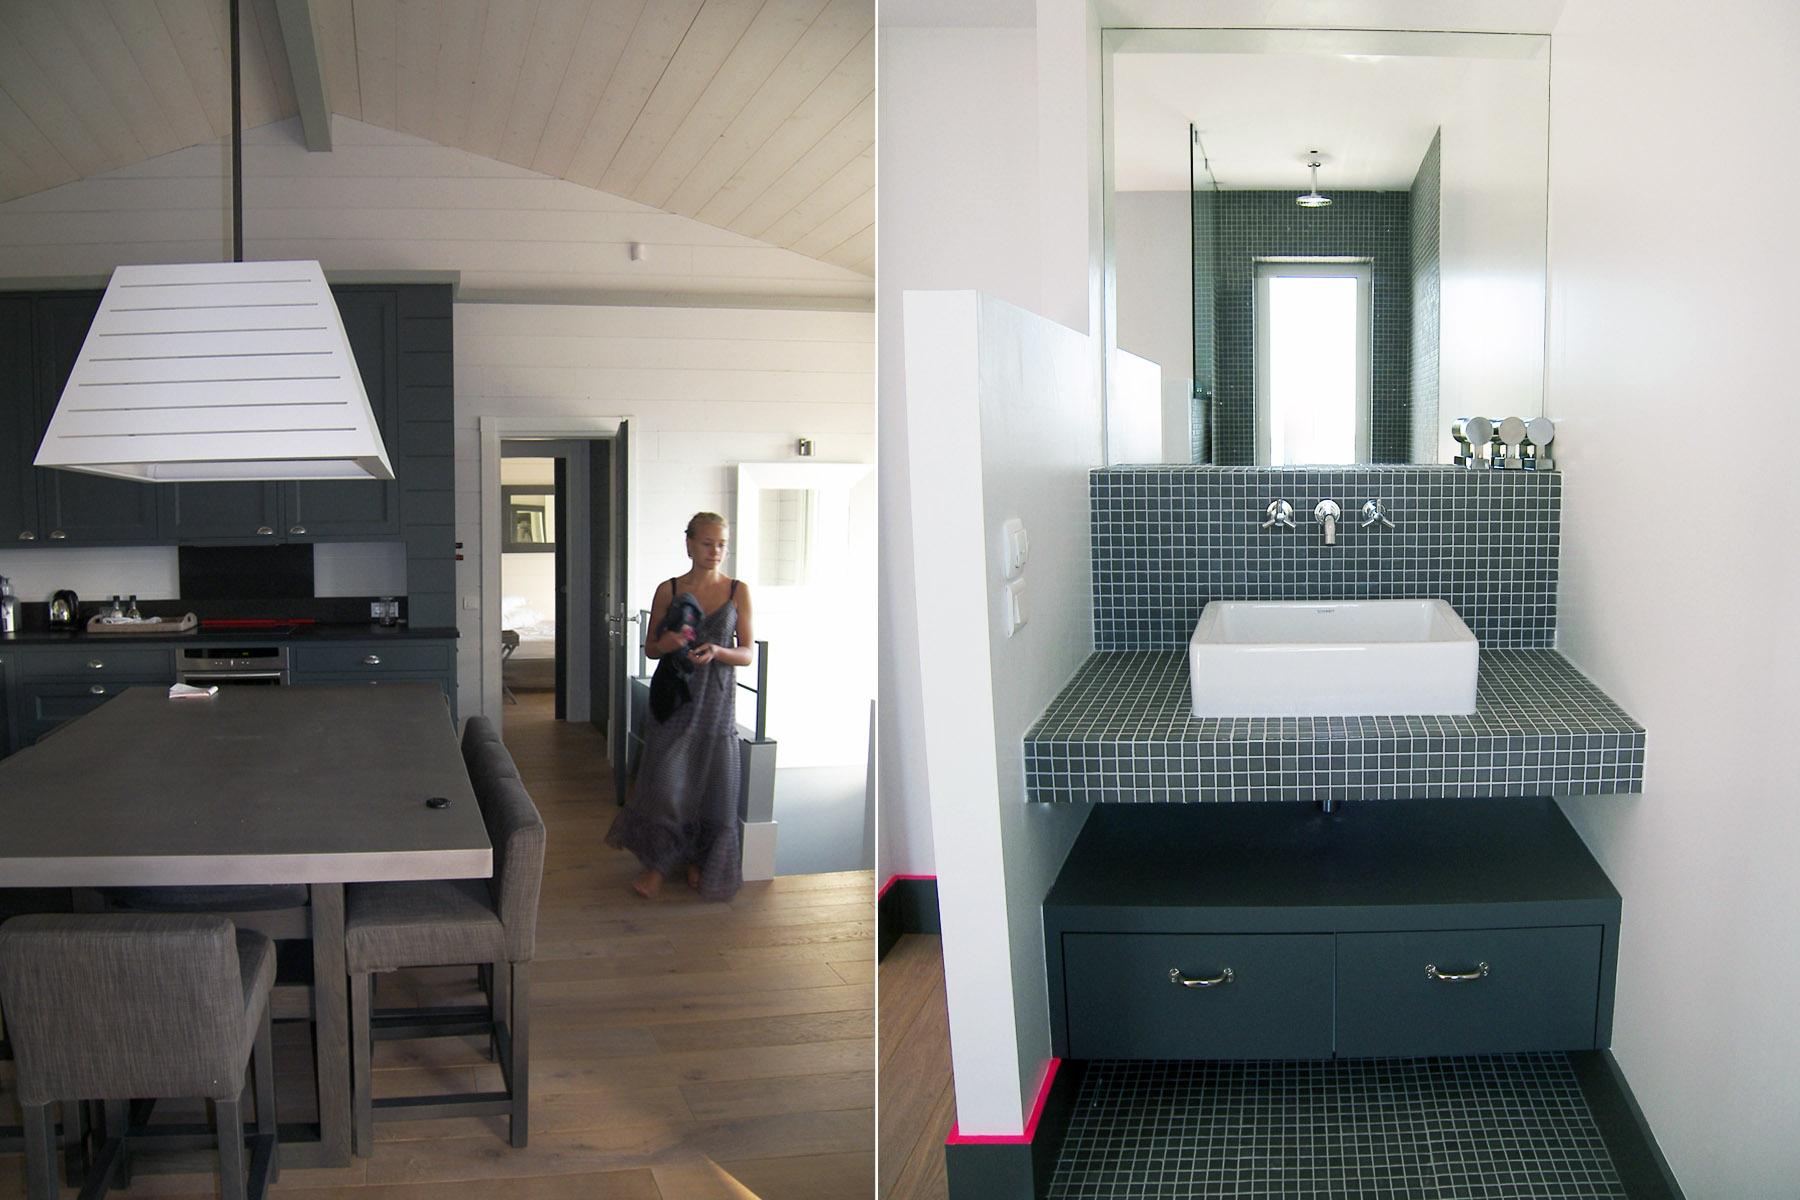 L1-Florence_Watine_Architecte_Designer_Decoratrice_Paris_France_Maison_Salle_de_Bain